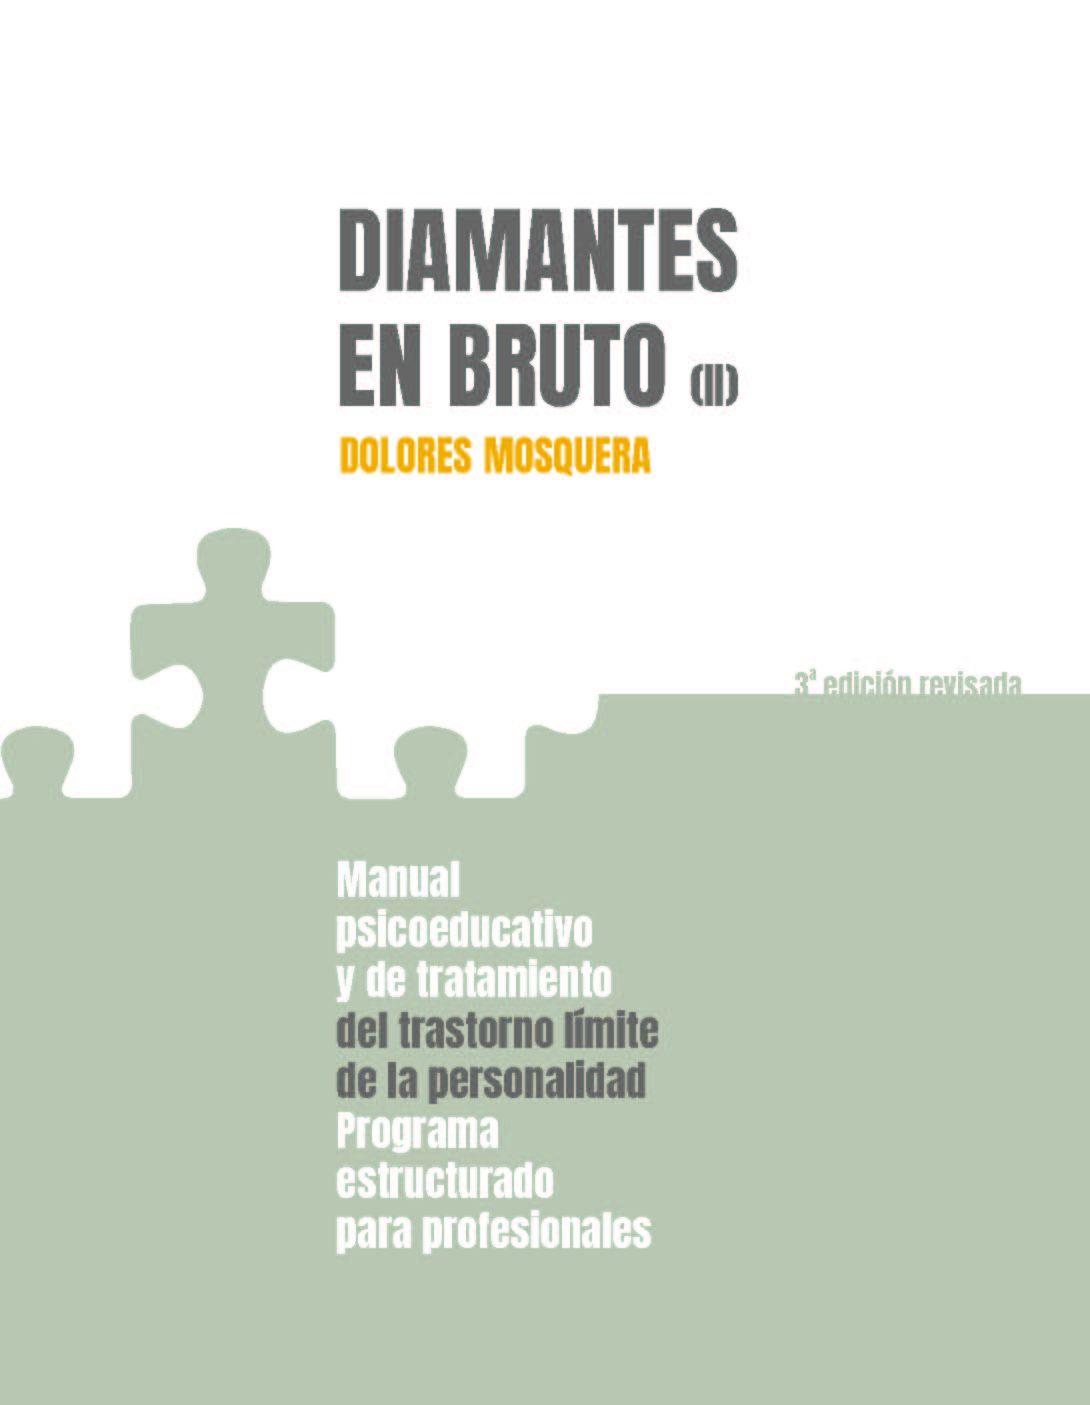 DIAMANTES EN BRUTO (II)-TERCERA EDICIÓN REVISADA